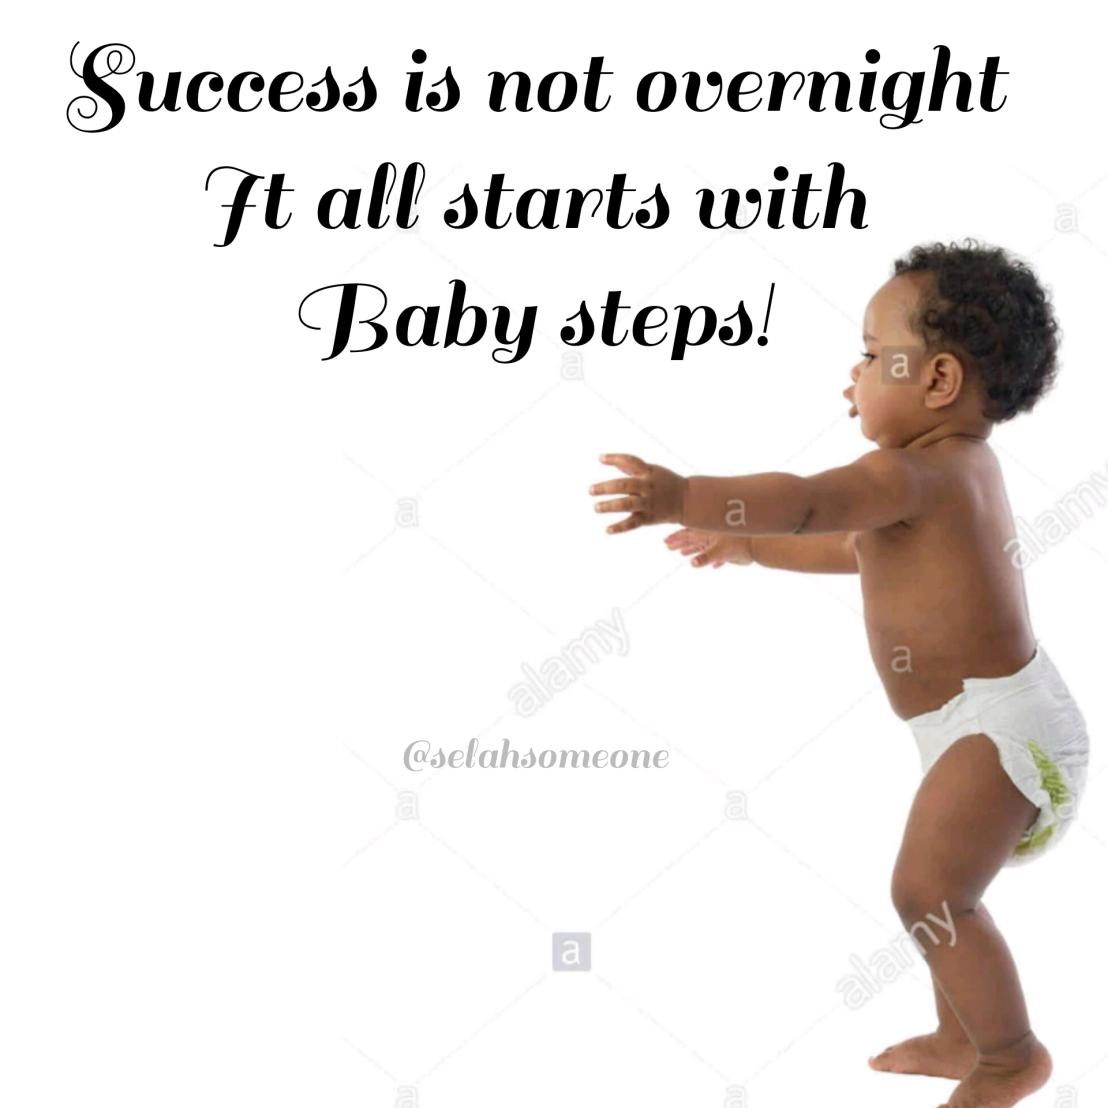 Baby Steps – Selah Someonetotalkto's Blog